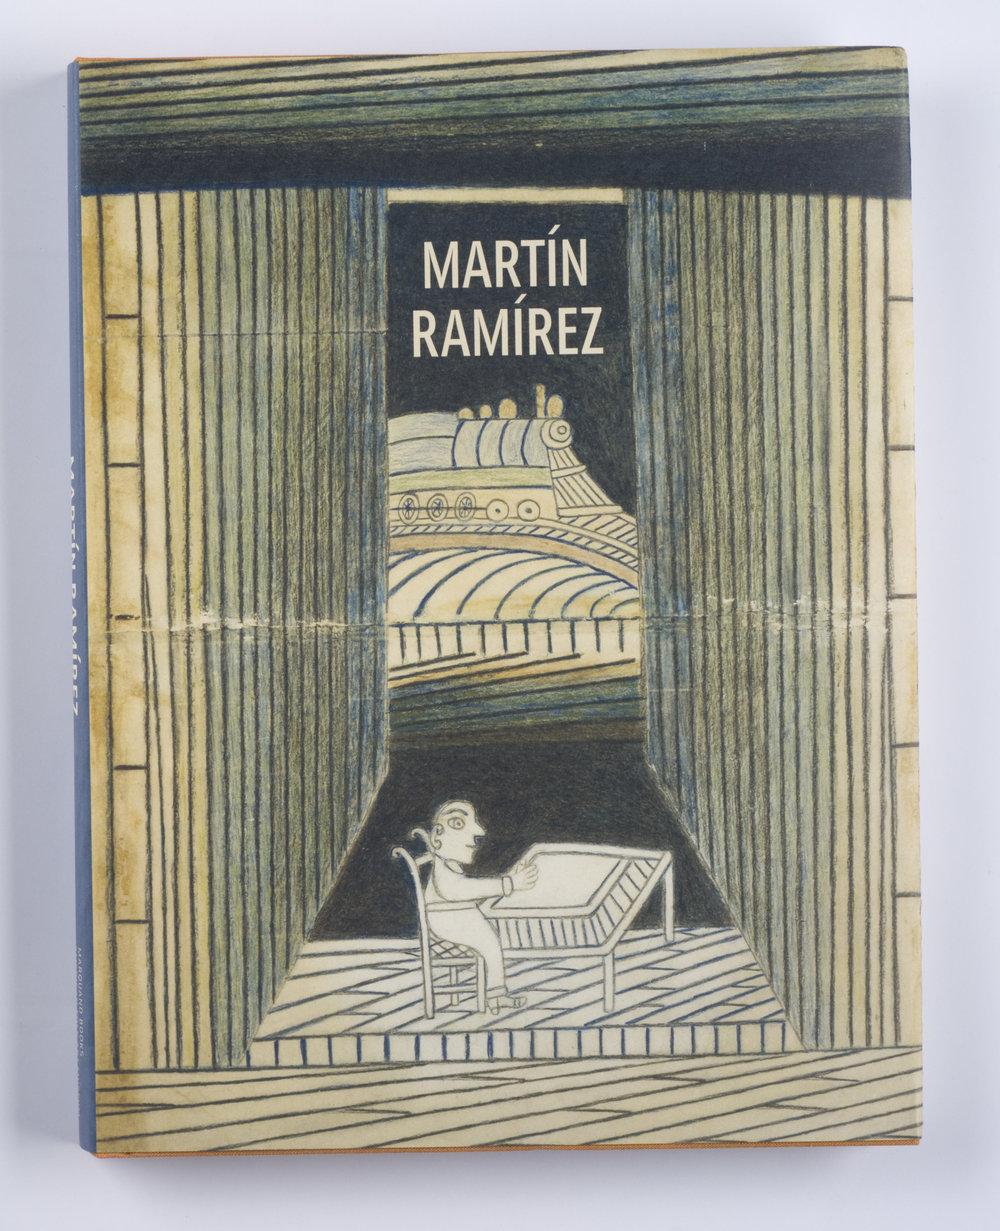 Ramirez01.jpg